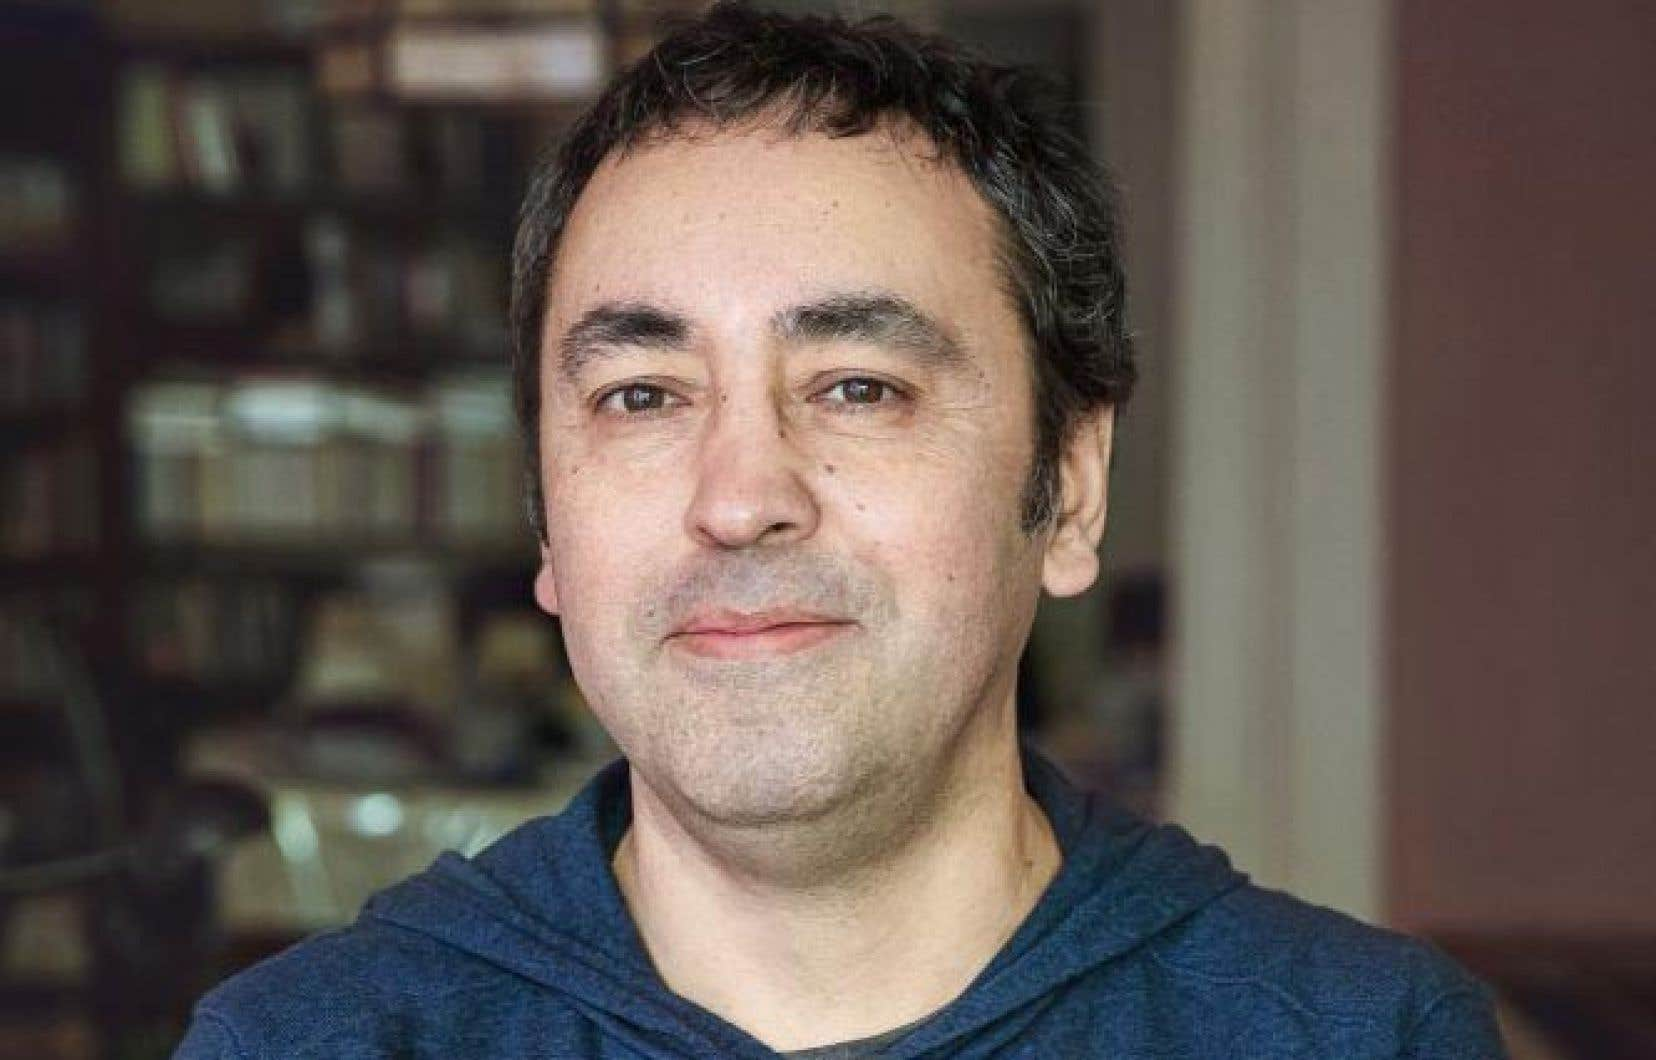 L'écrivain montréalais d'origine chilienne Mauricio Segura prend visiblement un malin plaisir à croquer ses contemporains dans ce roman choral.